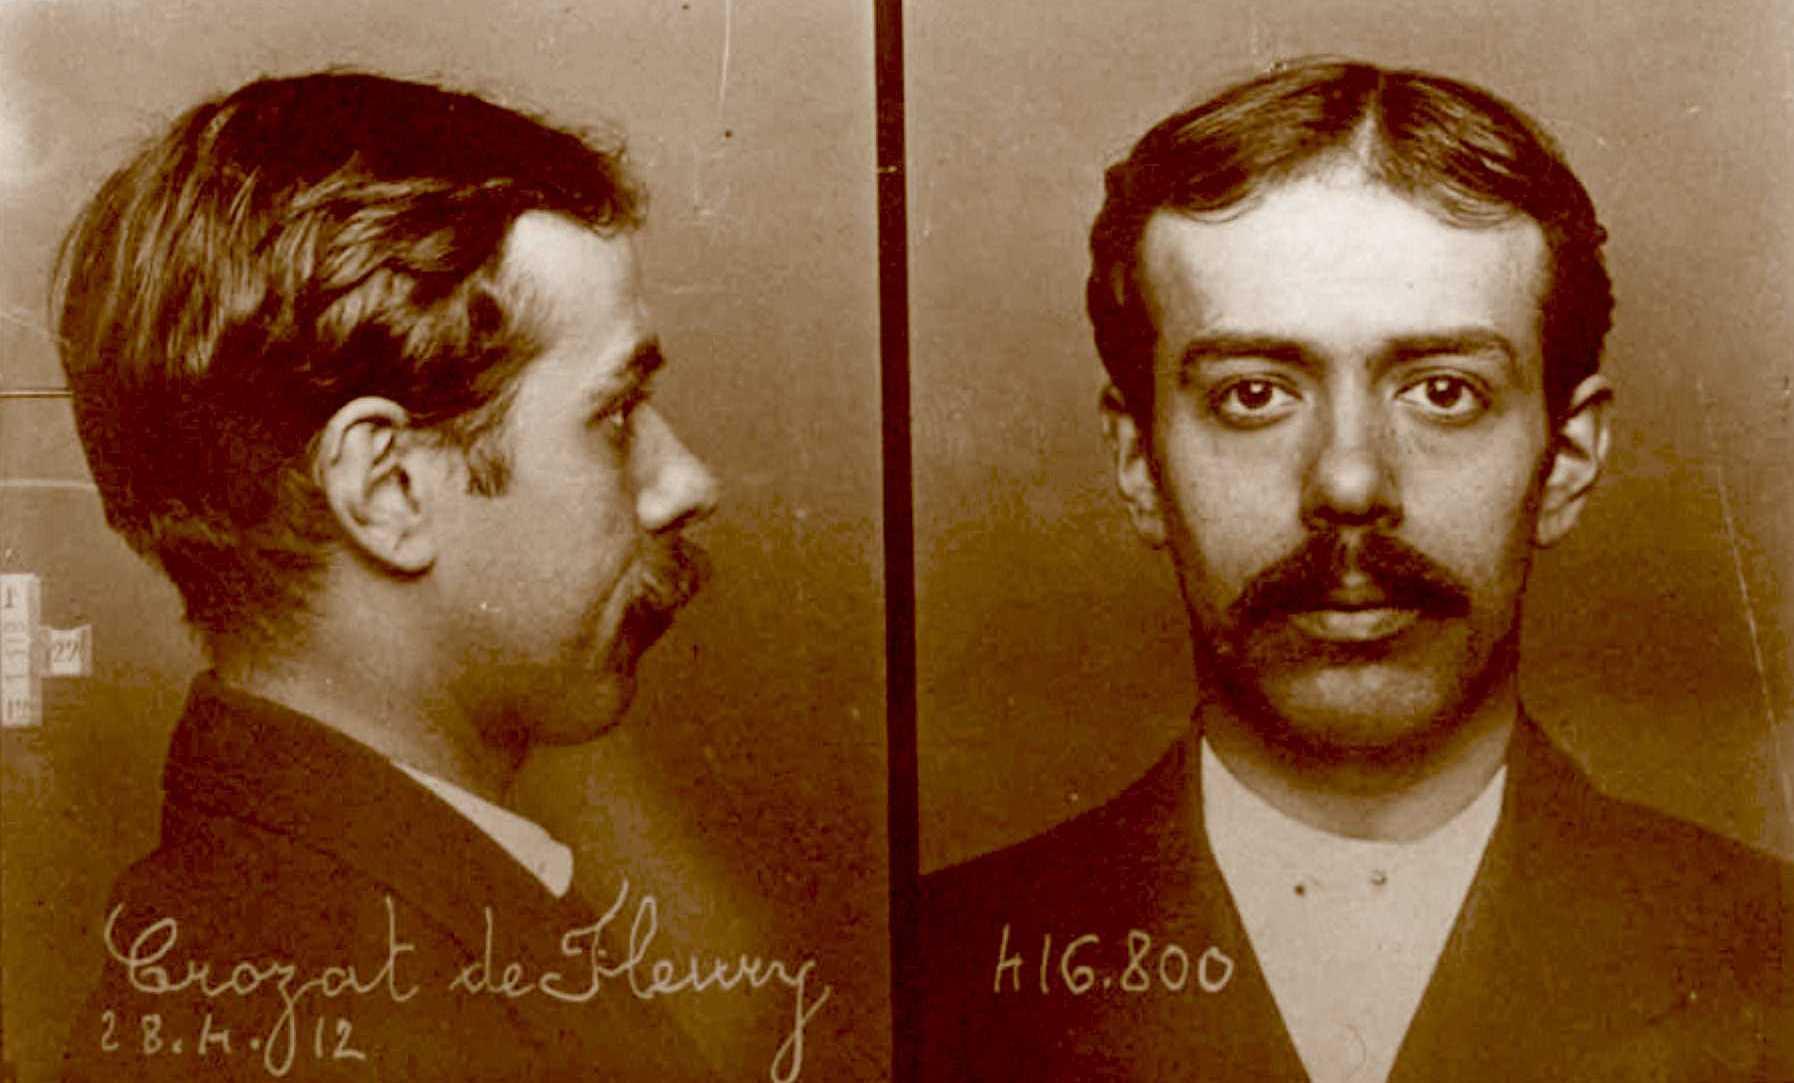 Foto policíaca de Henry Crozat de Fleury (28 d'abril de 1912)